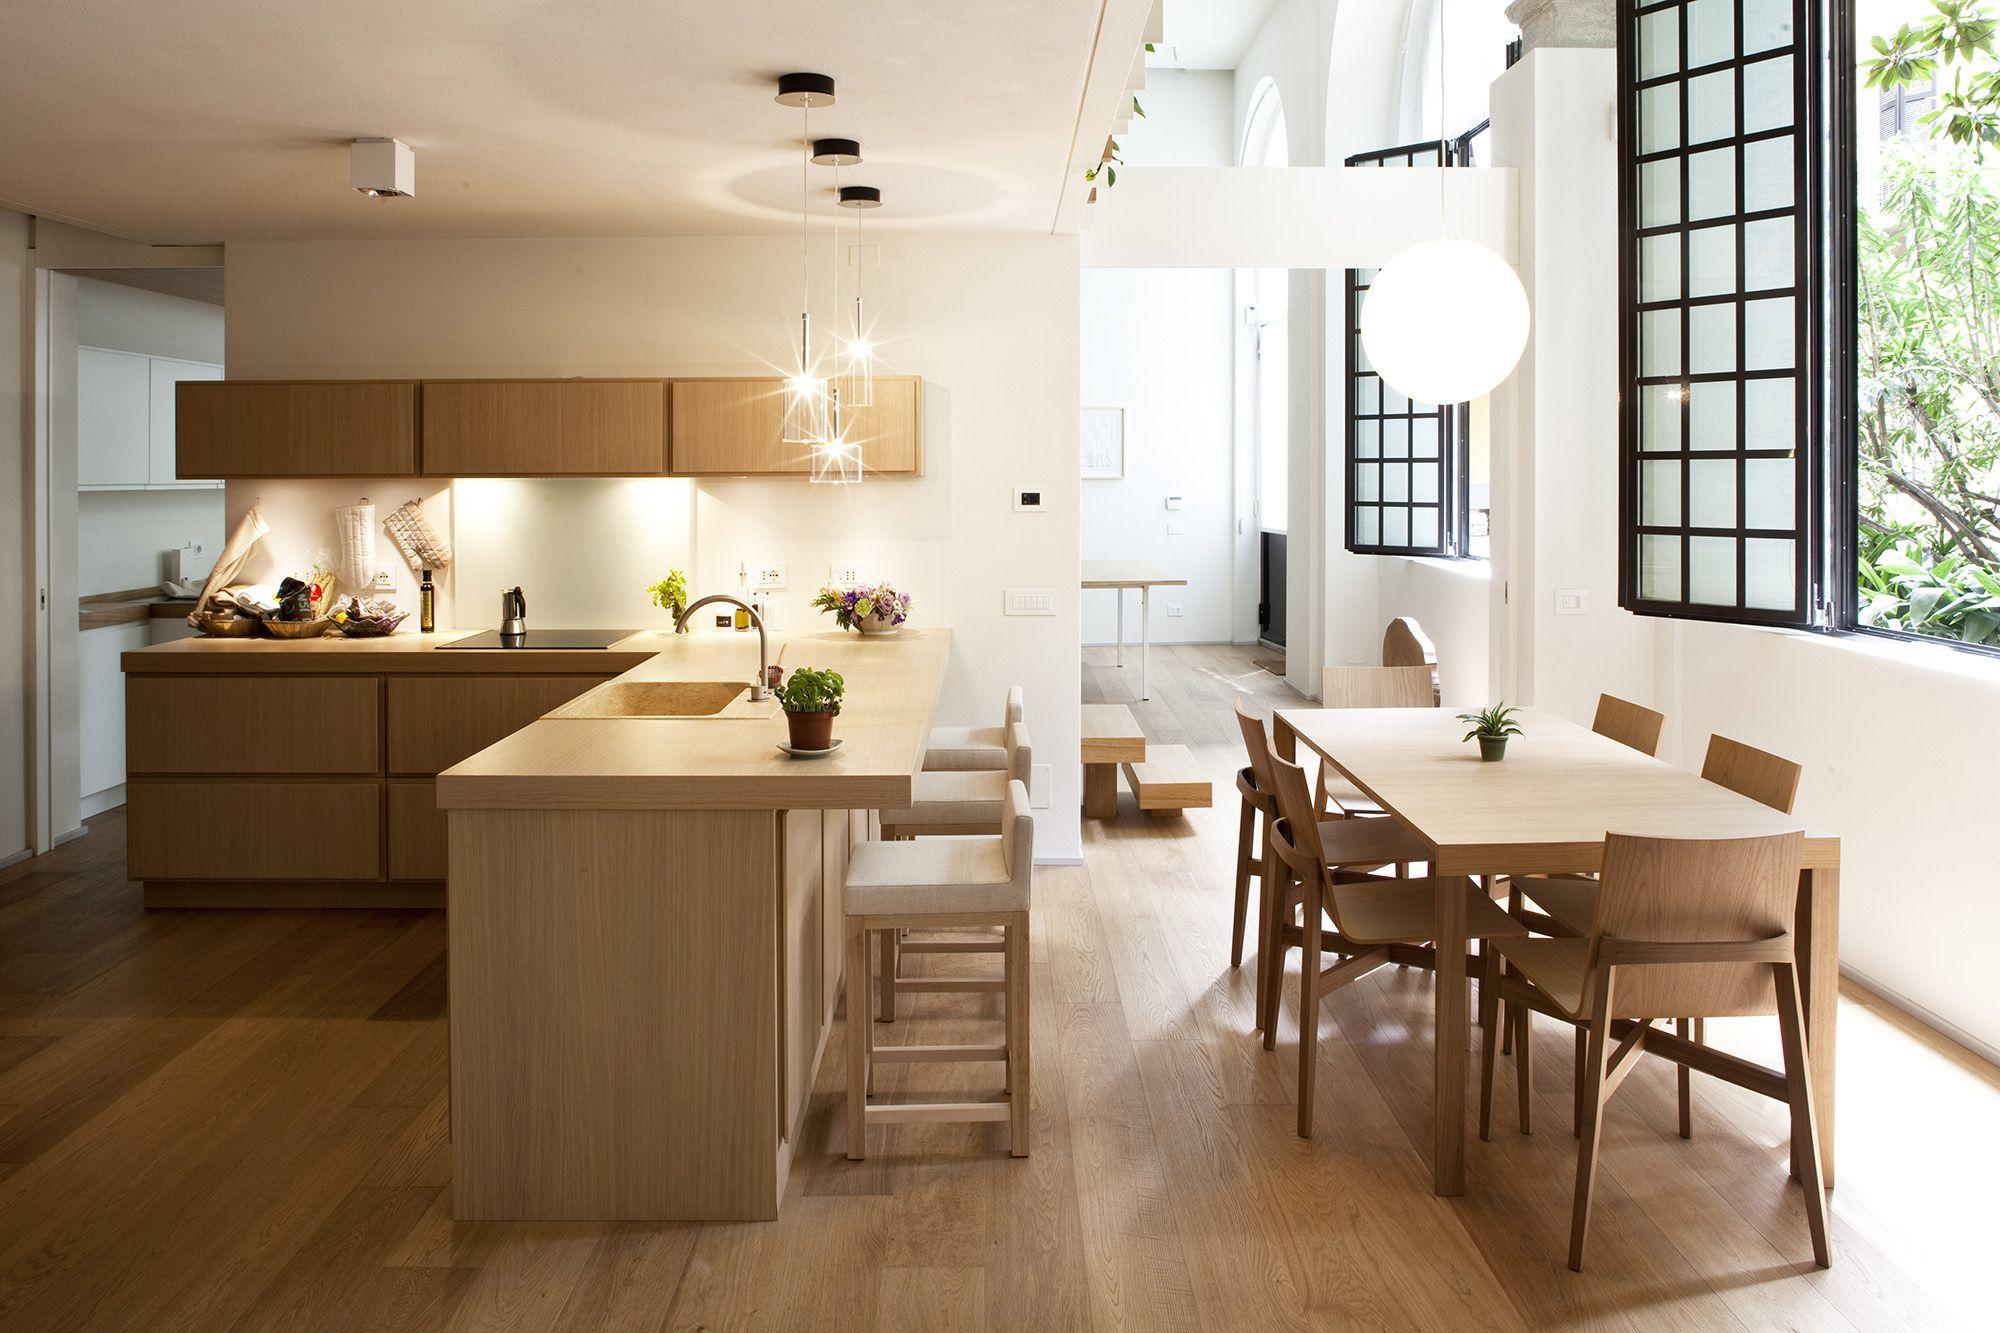 Кухня-студия с угловой планировкой